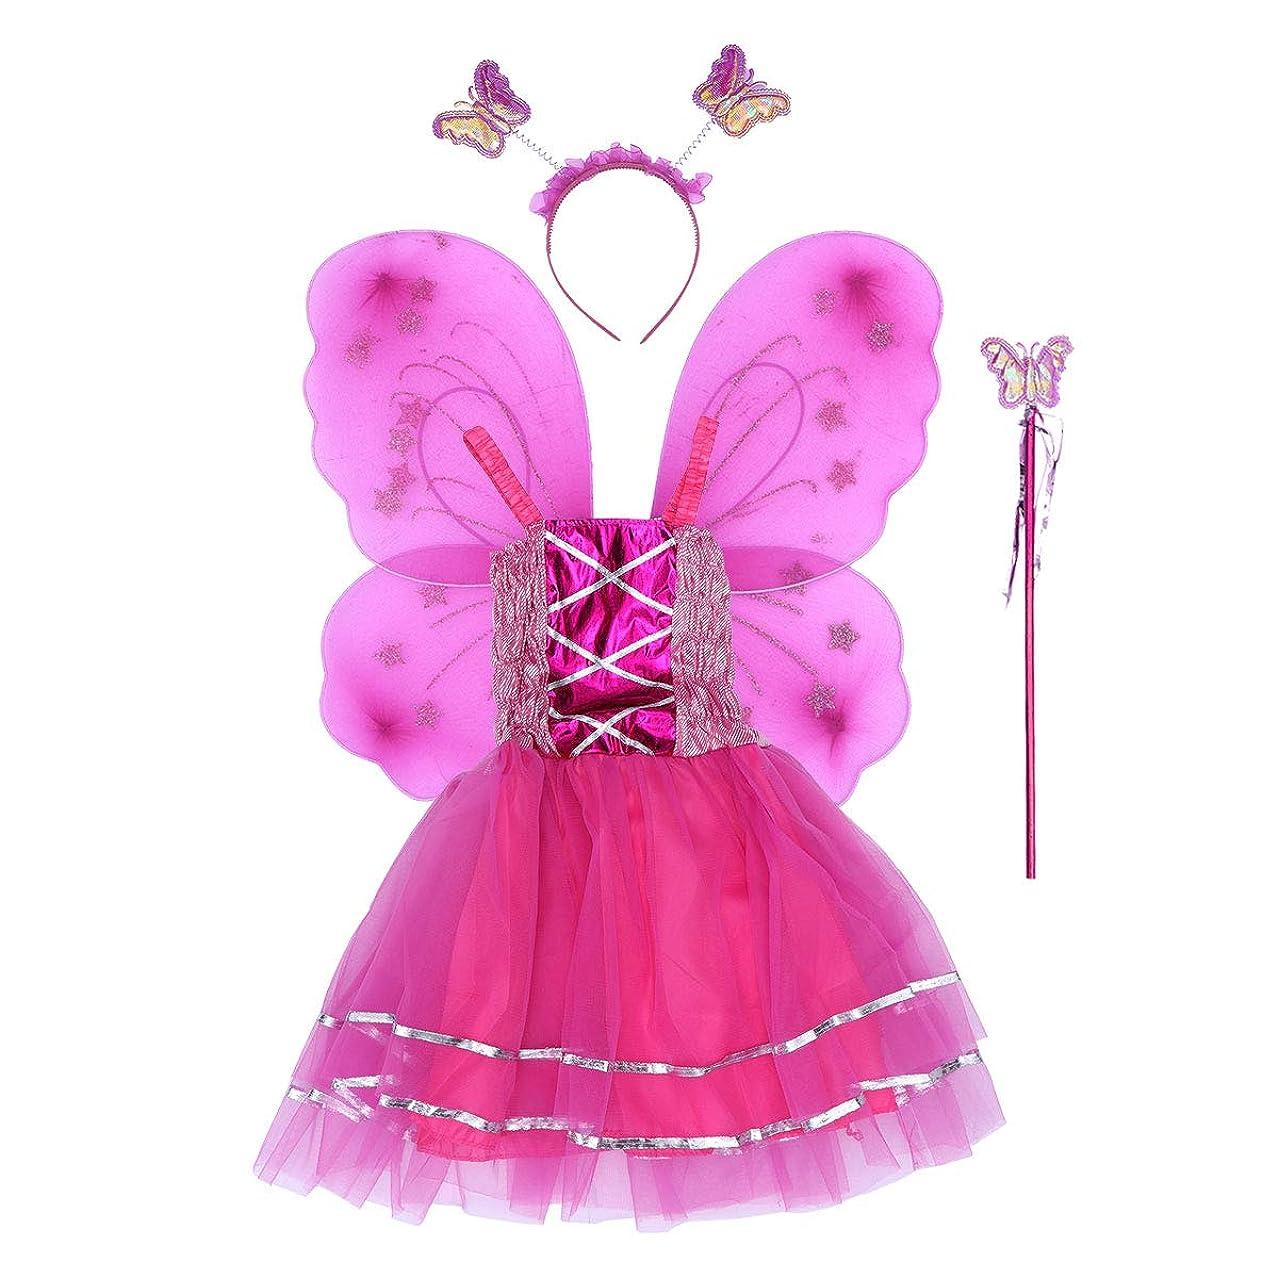 手術多様性評判BESTOYARD 4個の女の子バタフライプリンセス妖精のコスチュームセットバタフライウィング、ワンド、ヘッドバンドとツツードレス(ロージー)